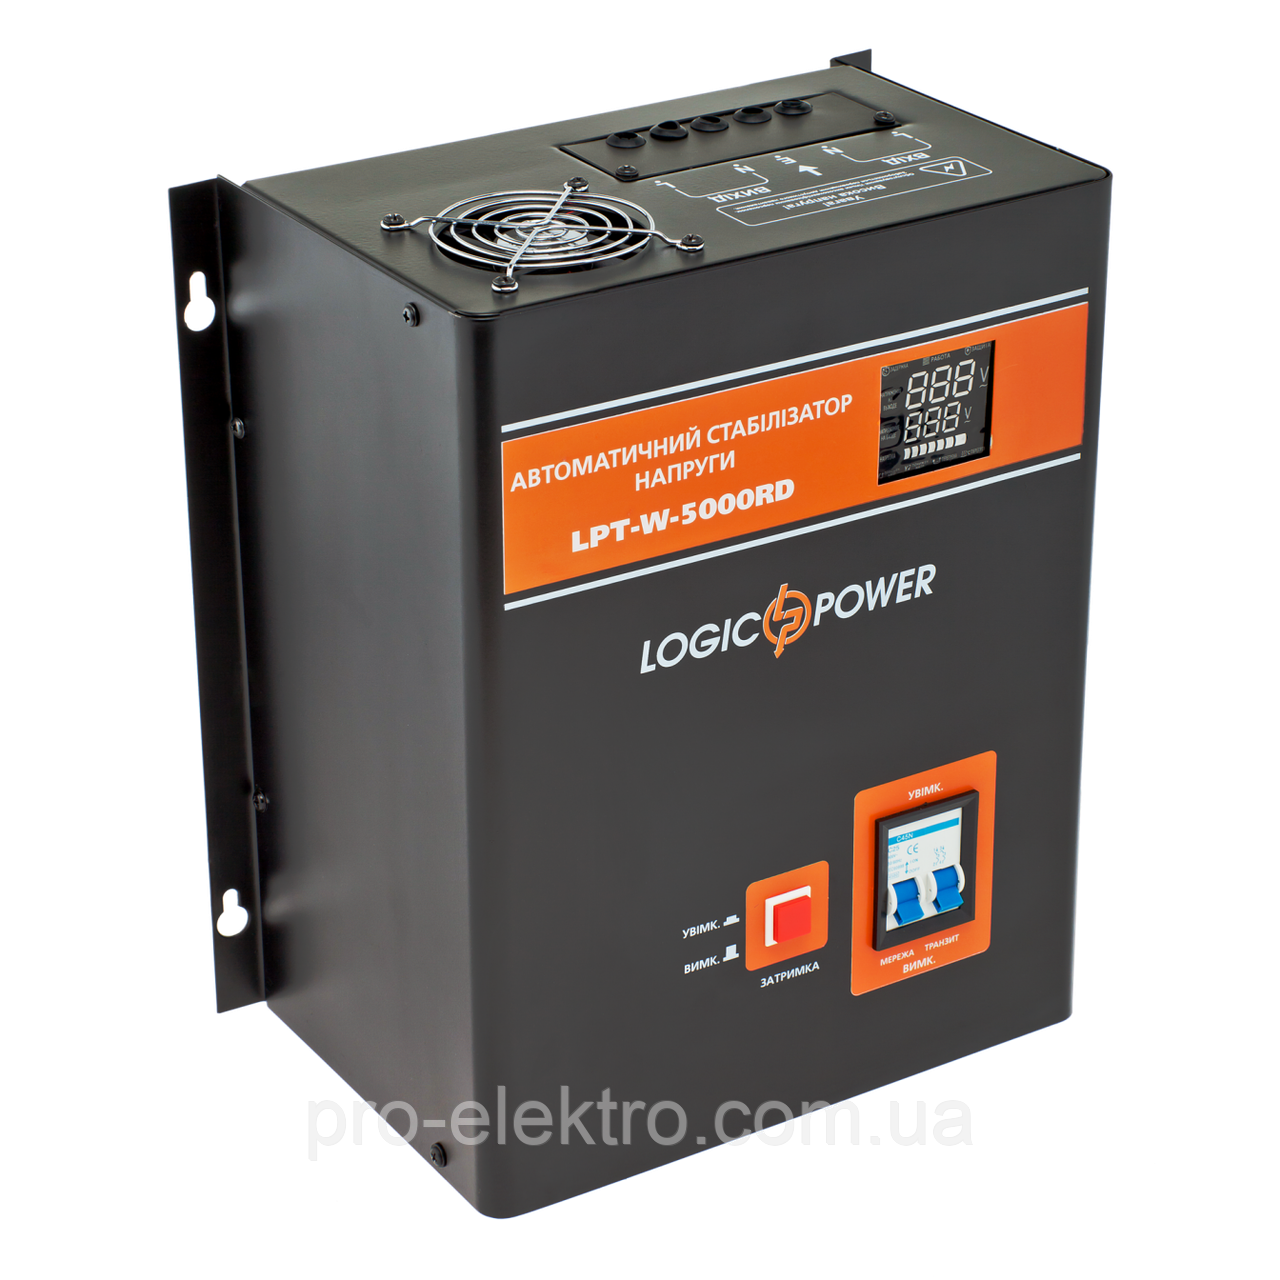 Стабилизатор напряжения LogicPower LPT-W-5000RD (3500W)